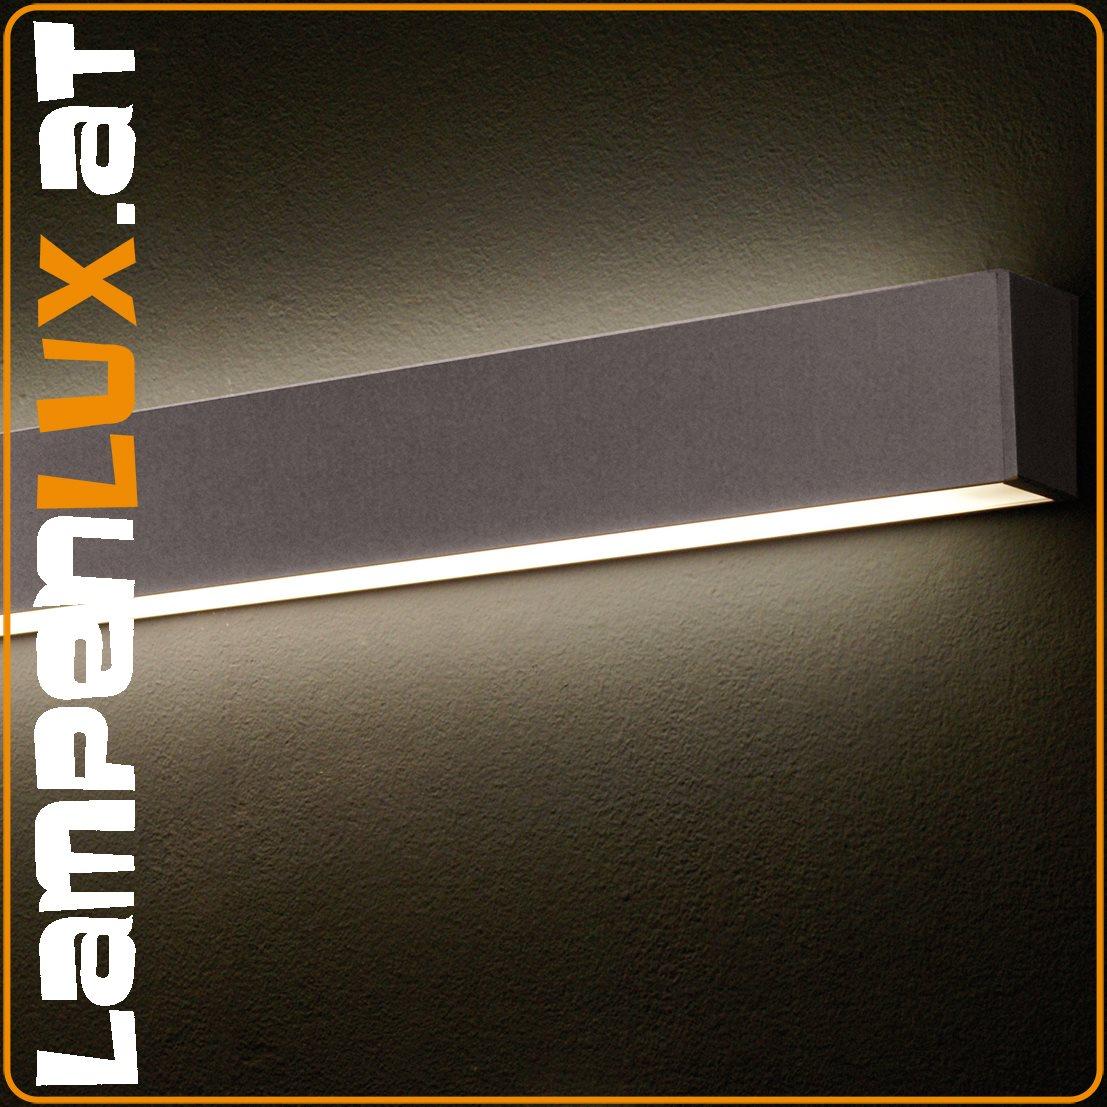 lampenlux wandlampe chira bilderlampe up down aufbaulampe eckig wandleuchte spiegelleuchte chira. Black Bedroom Furniture Sets. Home Design Ideas